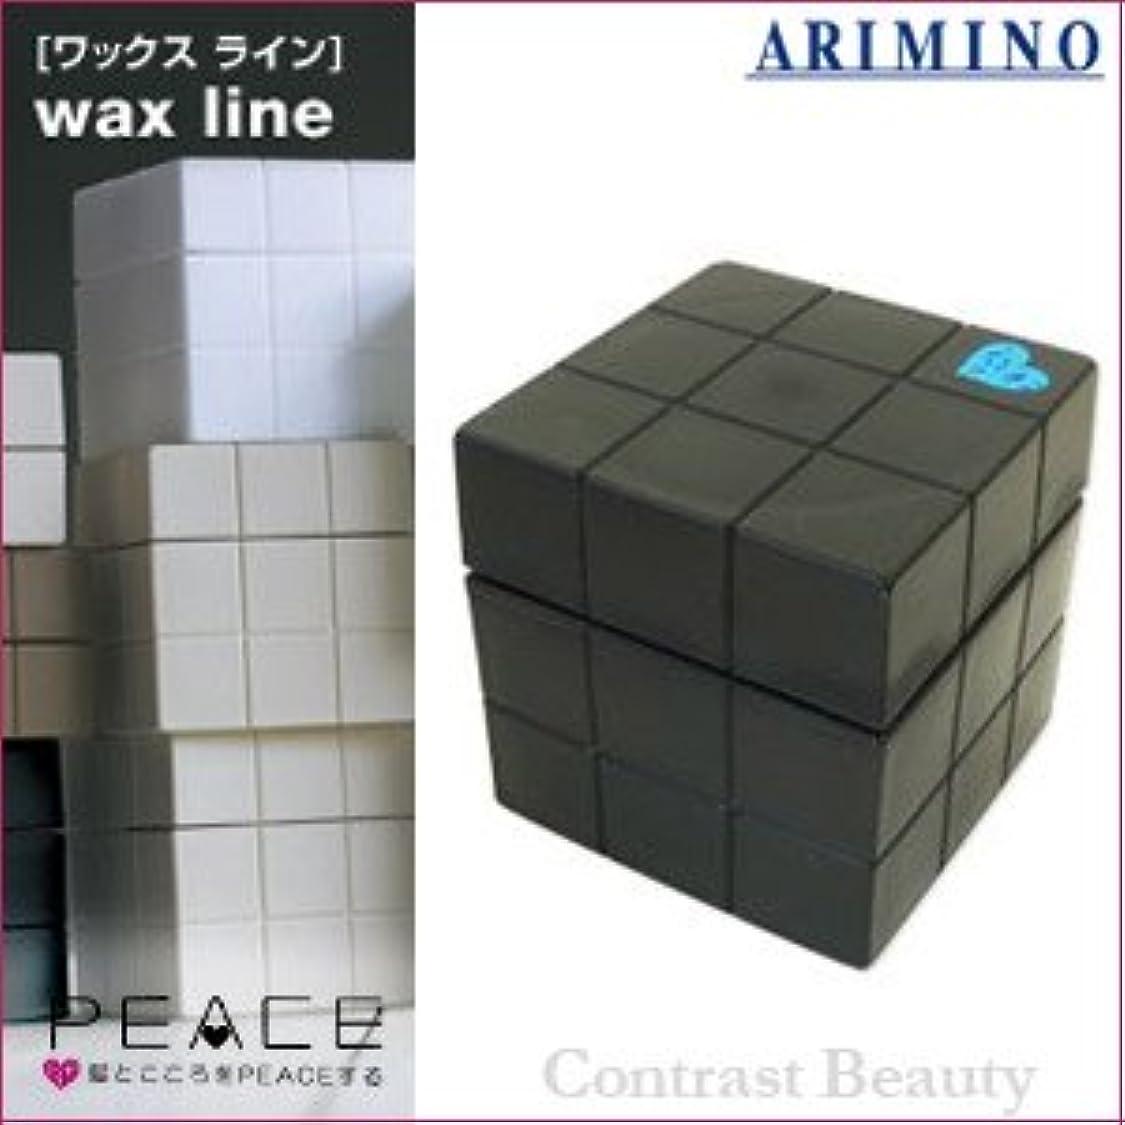 悲しいことに記念日回答【X4個セット】 アリミノ ピース プロデザインシリーズ フリーズキープワックス ブラック 80g